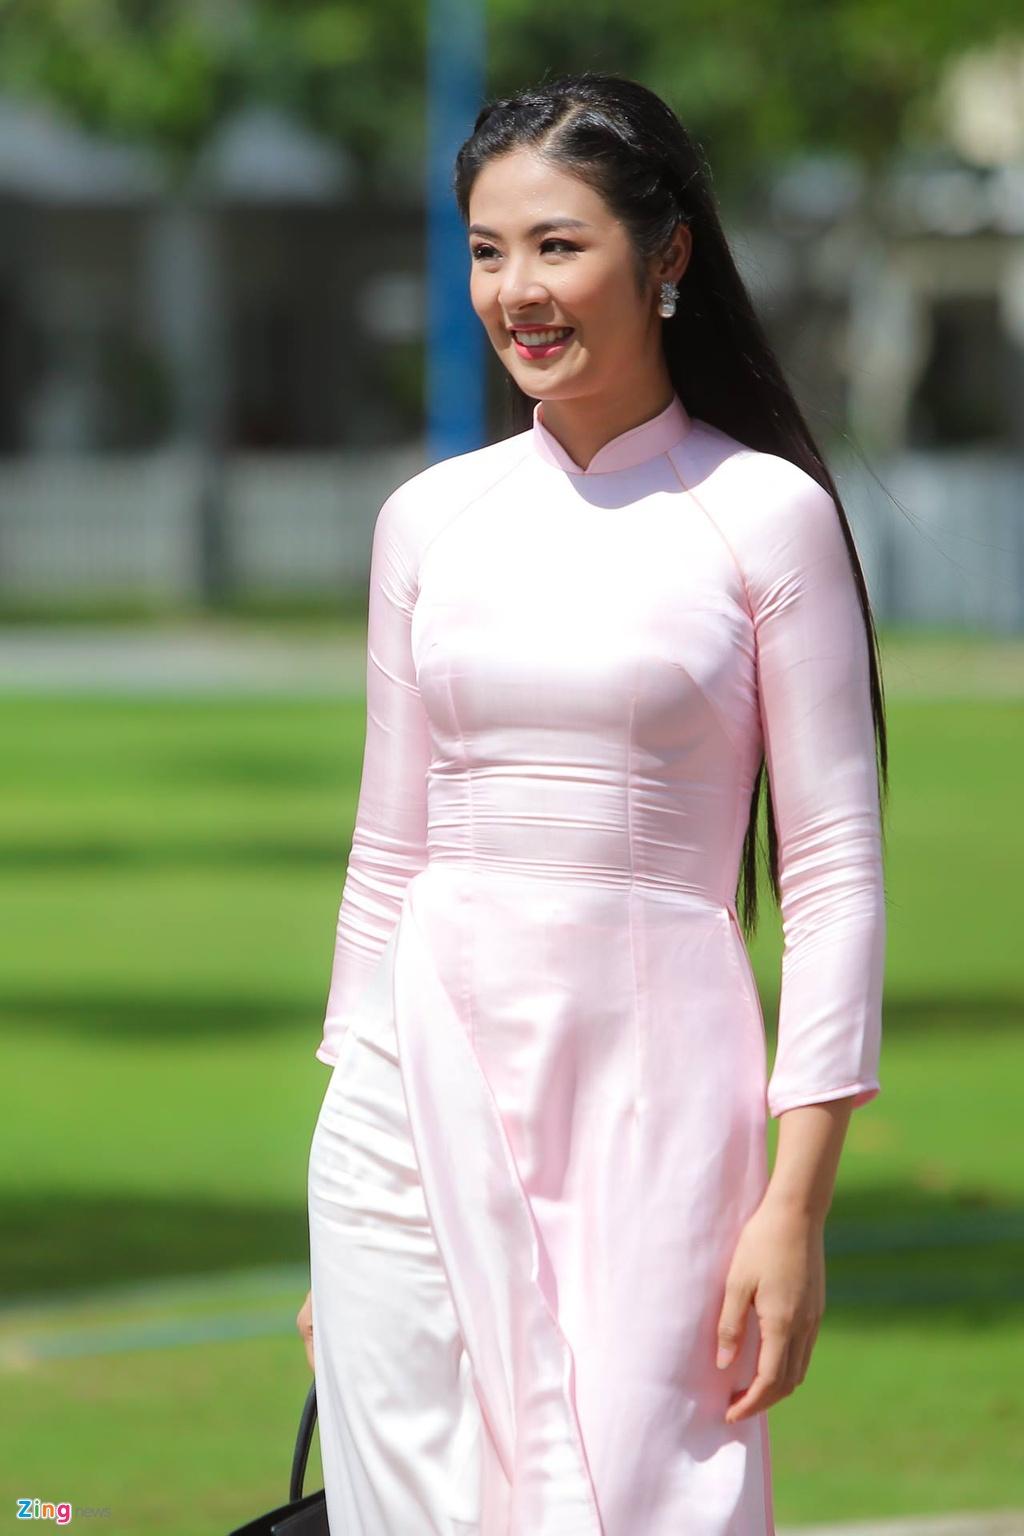 Hoa hau Ngoc Han tuoi tan lam phu dau cho Dang Thu Thao hinh anh 1